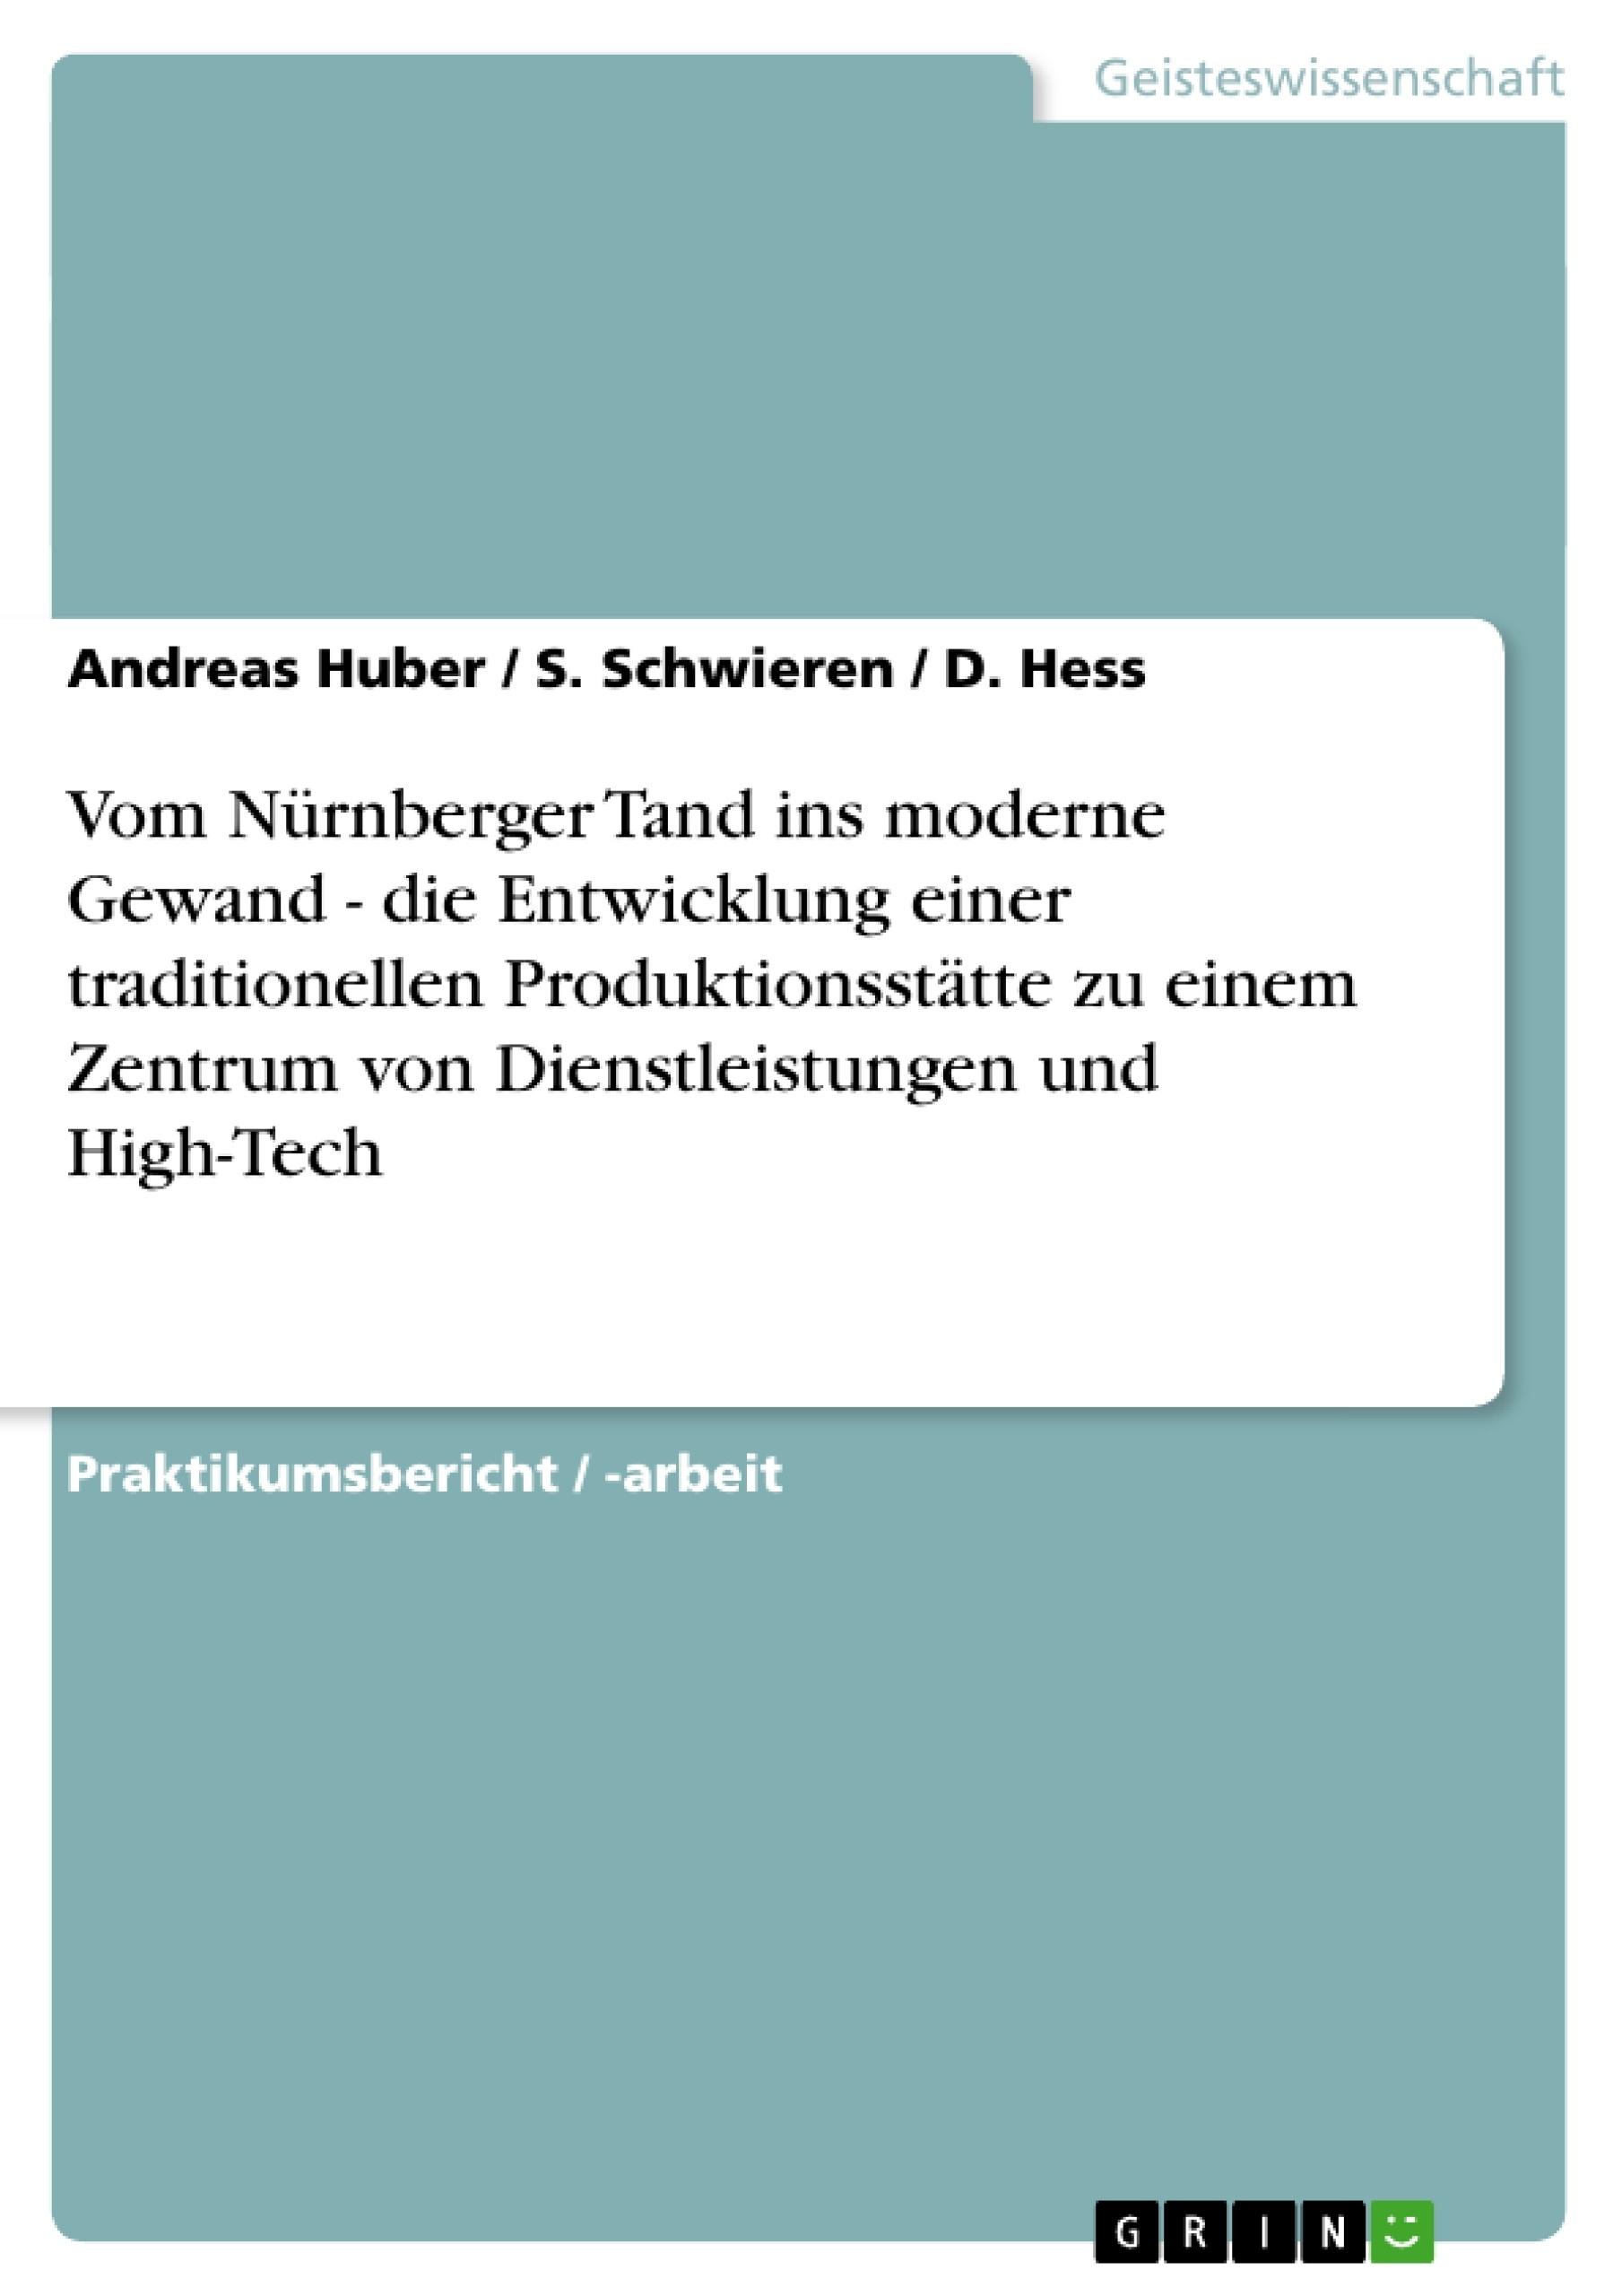 Titel: Vom Nürnberger Tand ins moderne Gewand - die Entwicklung einer traditionellen Produktionsstätte zu einem Zentrum von Dienstleistungen und High-Tech